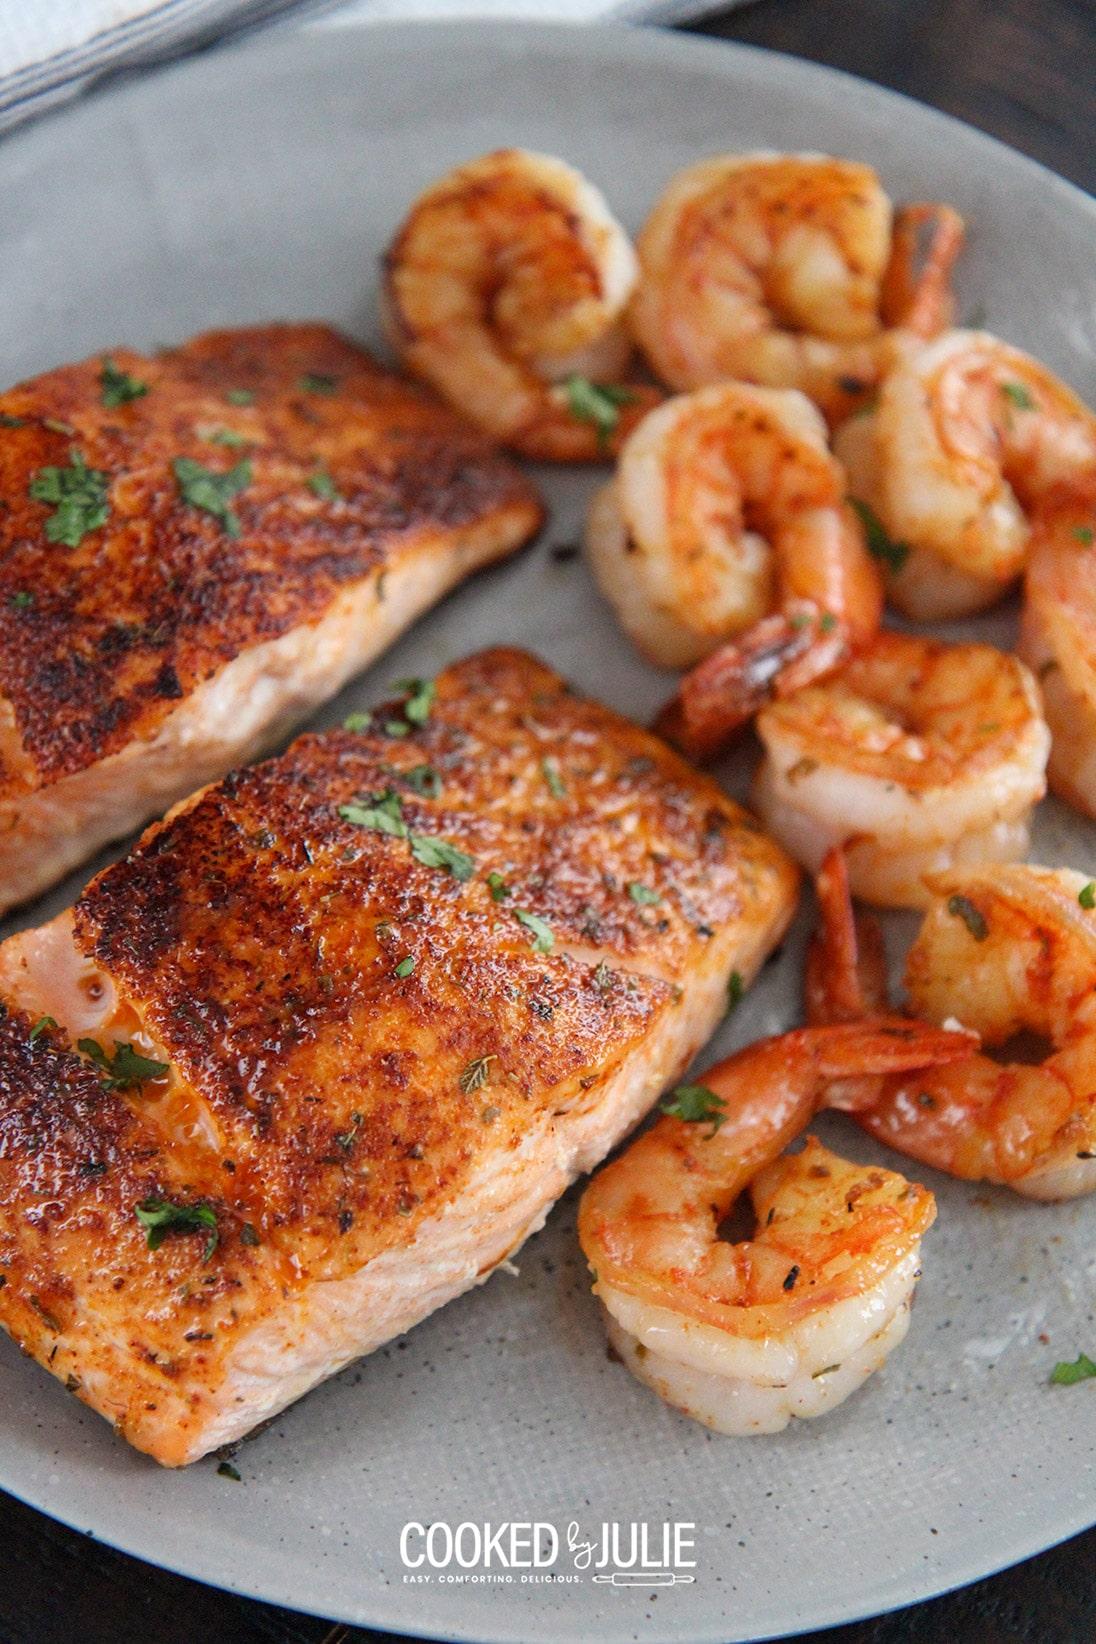 cajun salmon and shrimp on a gray plate